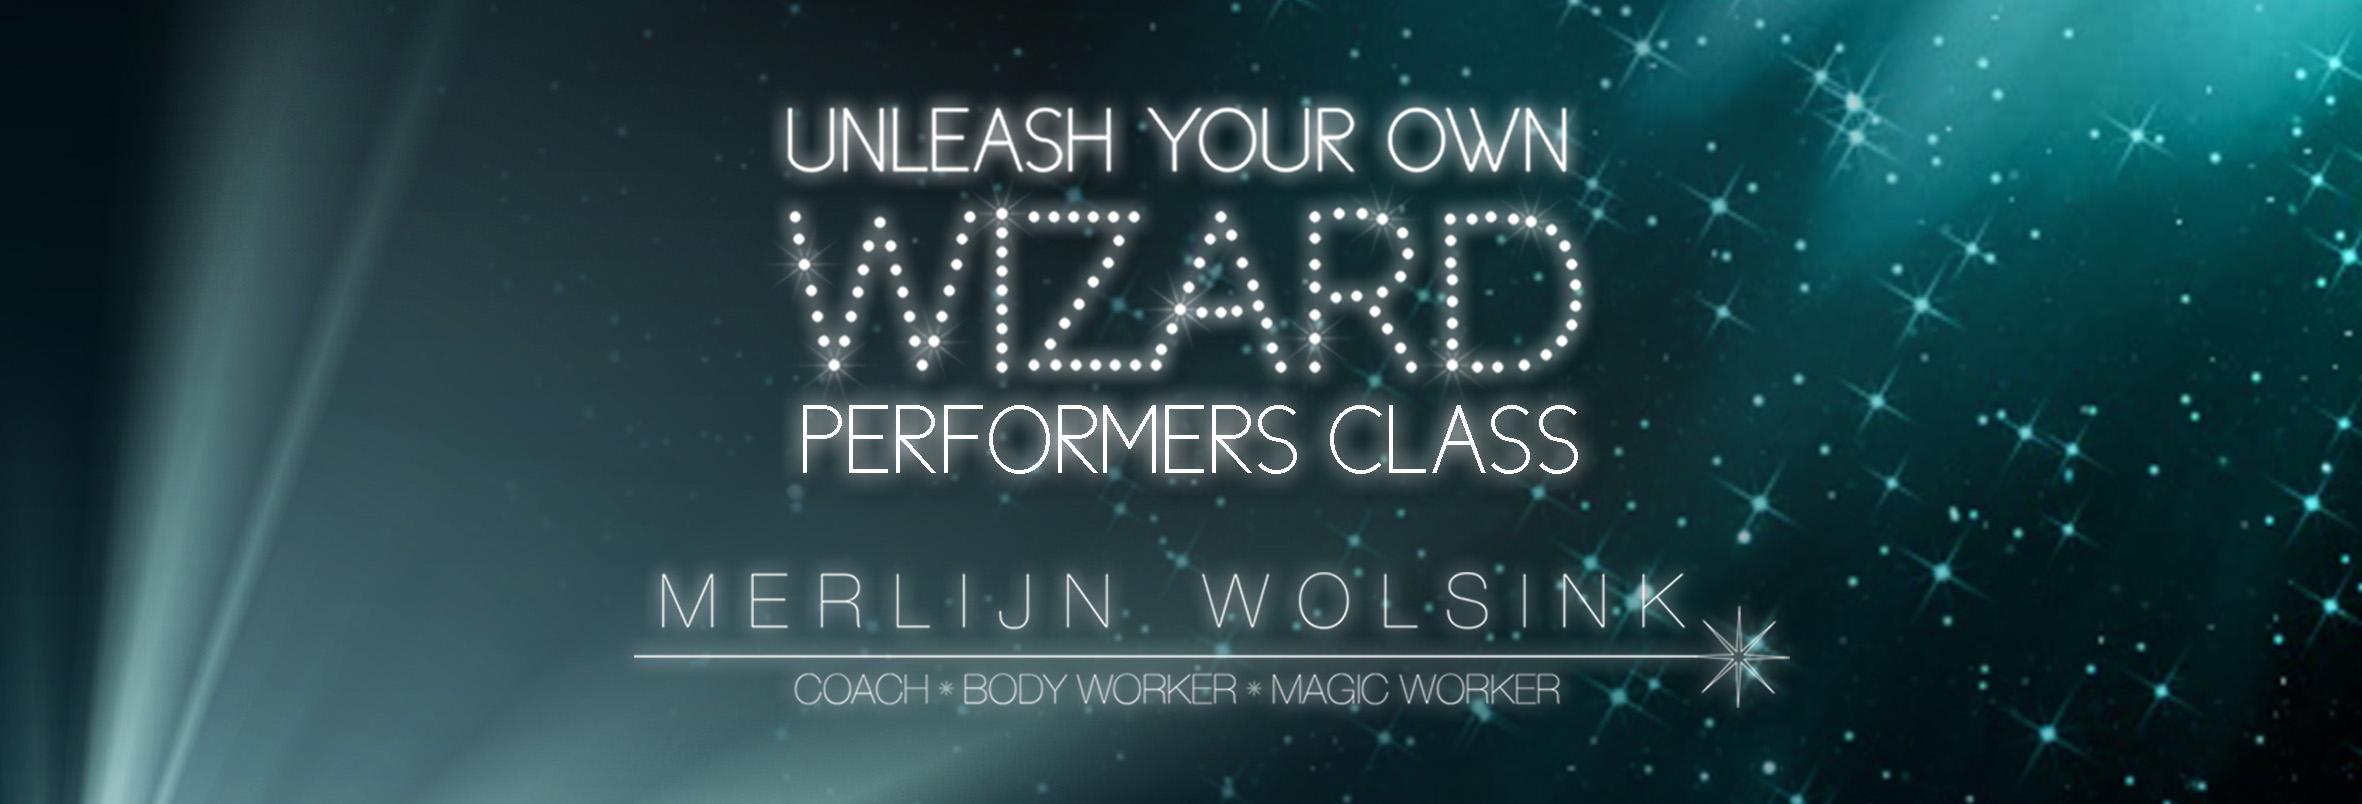 Merlijn Wolsink - Unleash Your Own Wizard - Performers Class